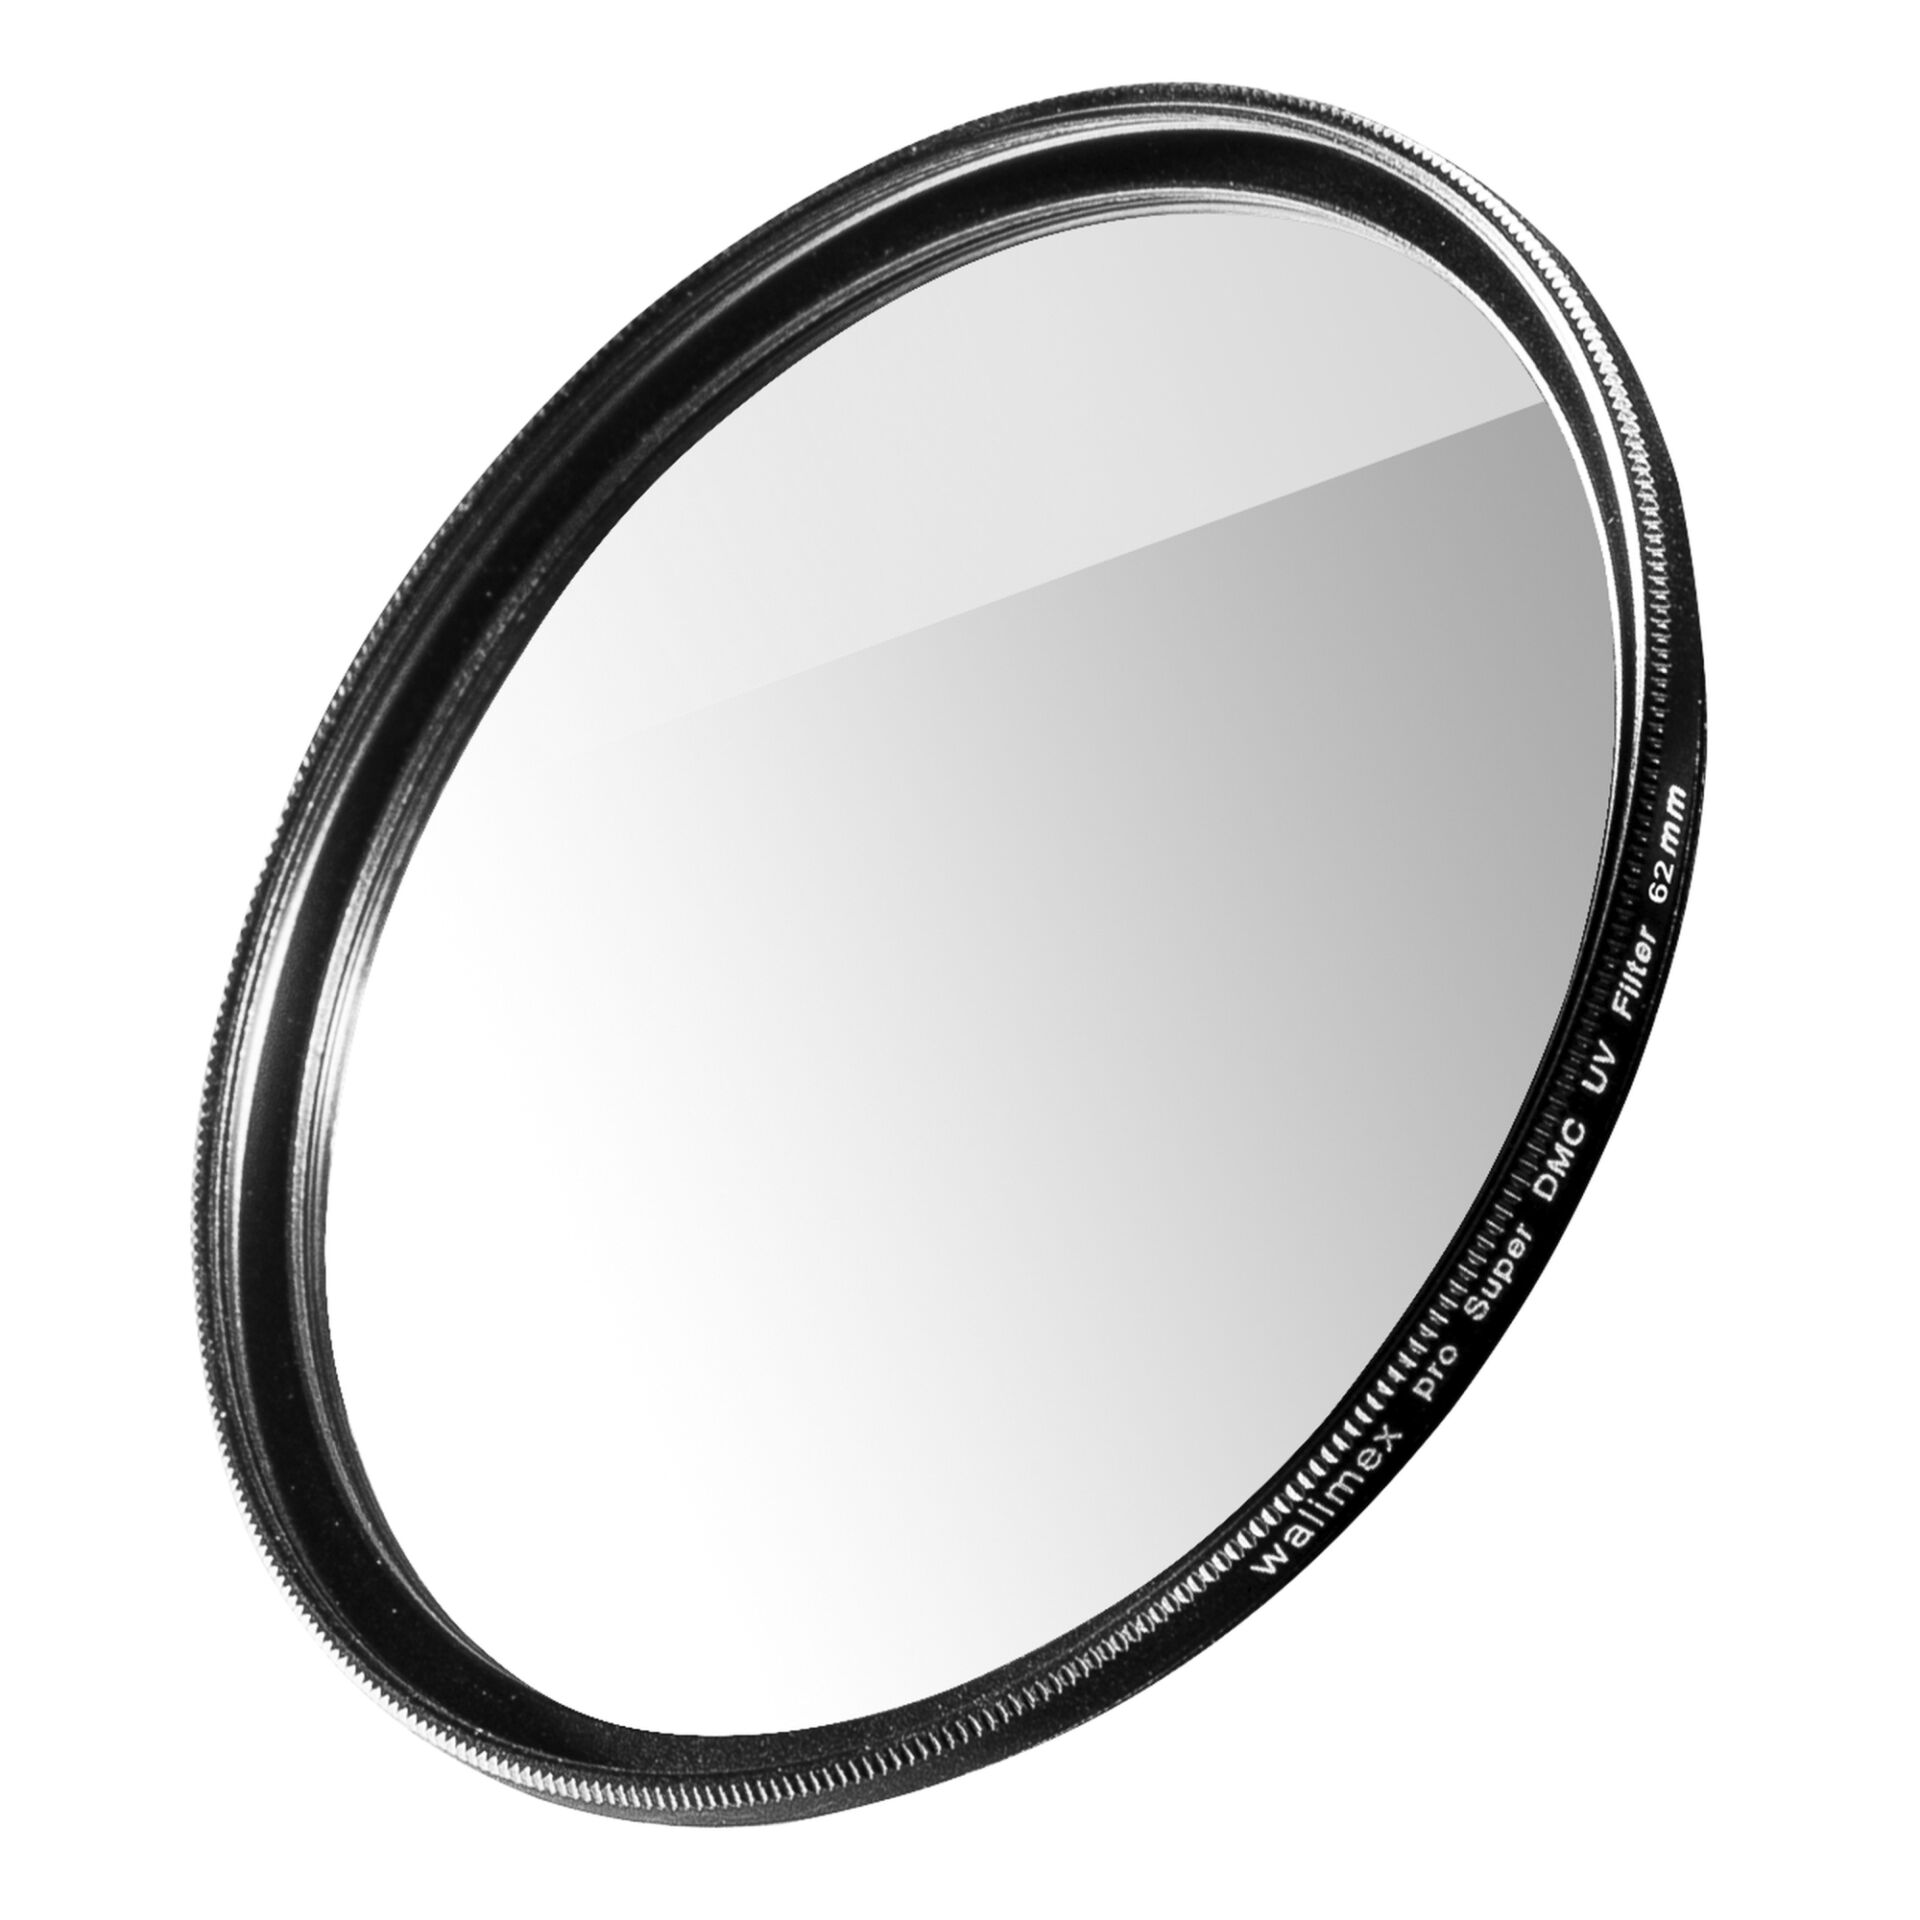 Walimex Pro UV Slim Super DMC 62mm